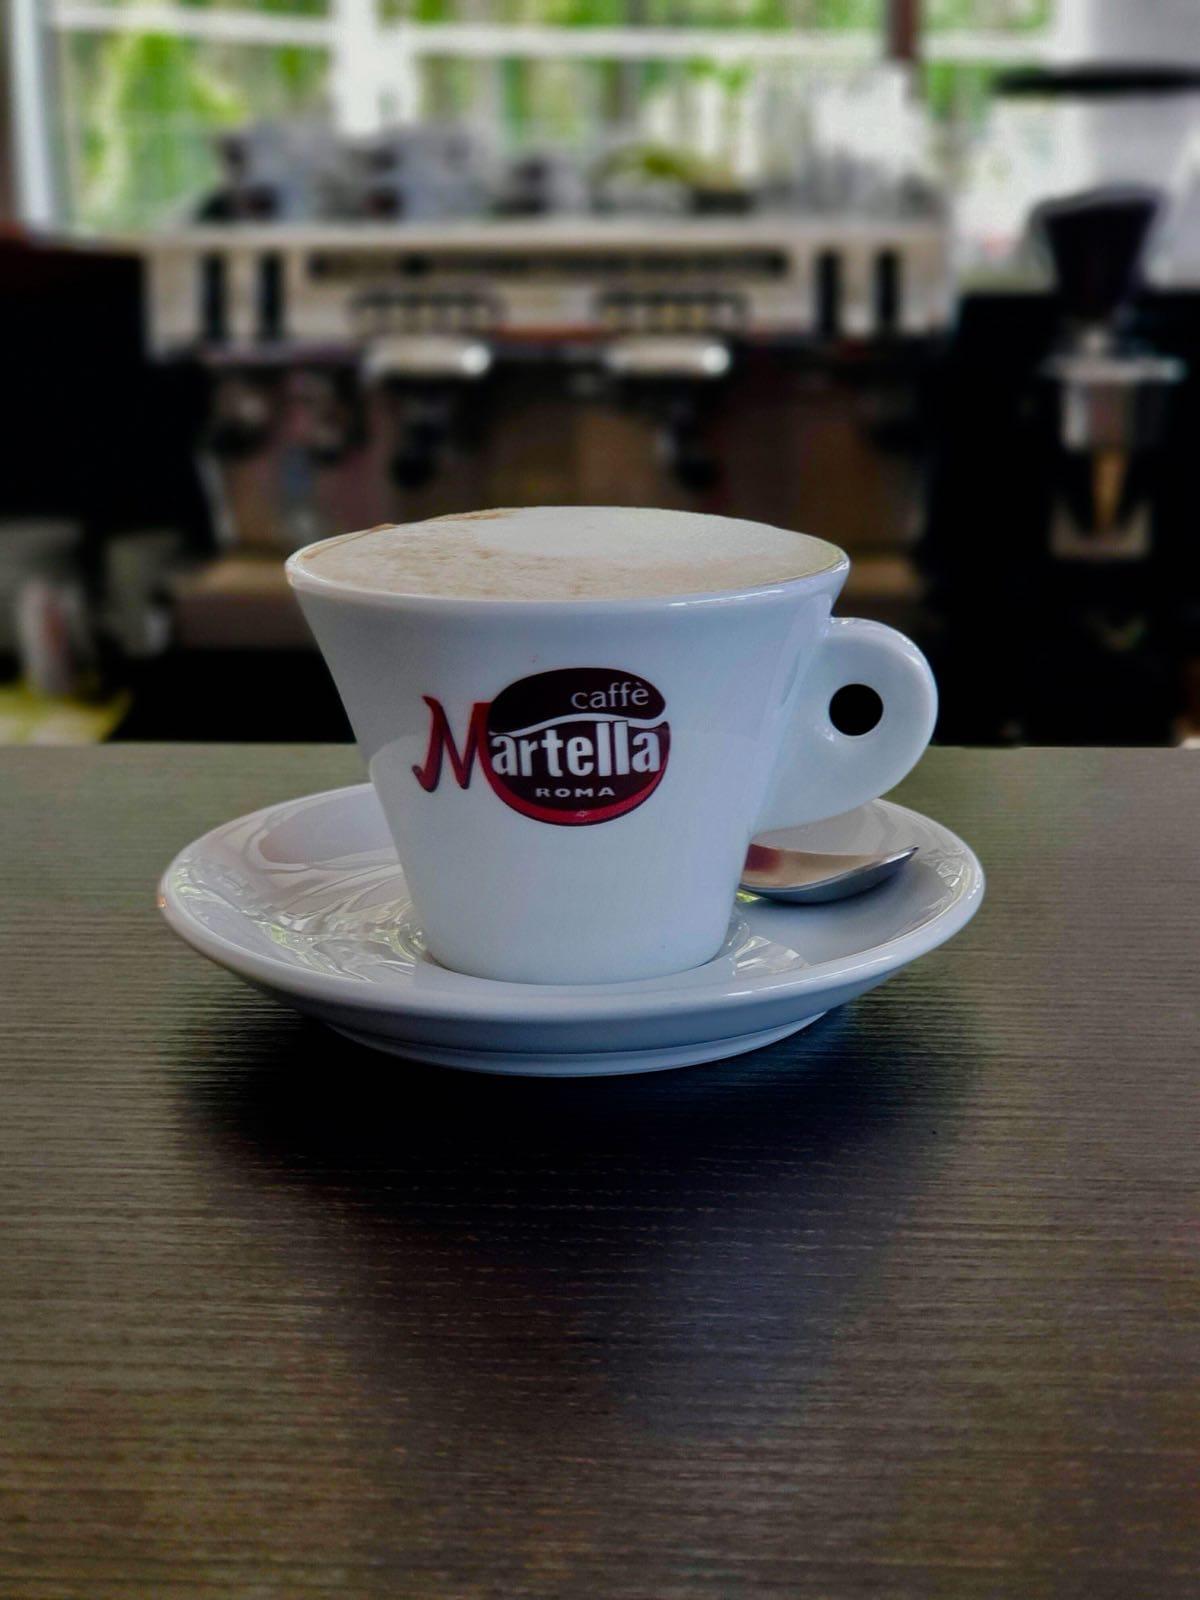 Cappuccinotasse von Martella